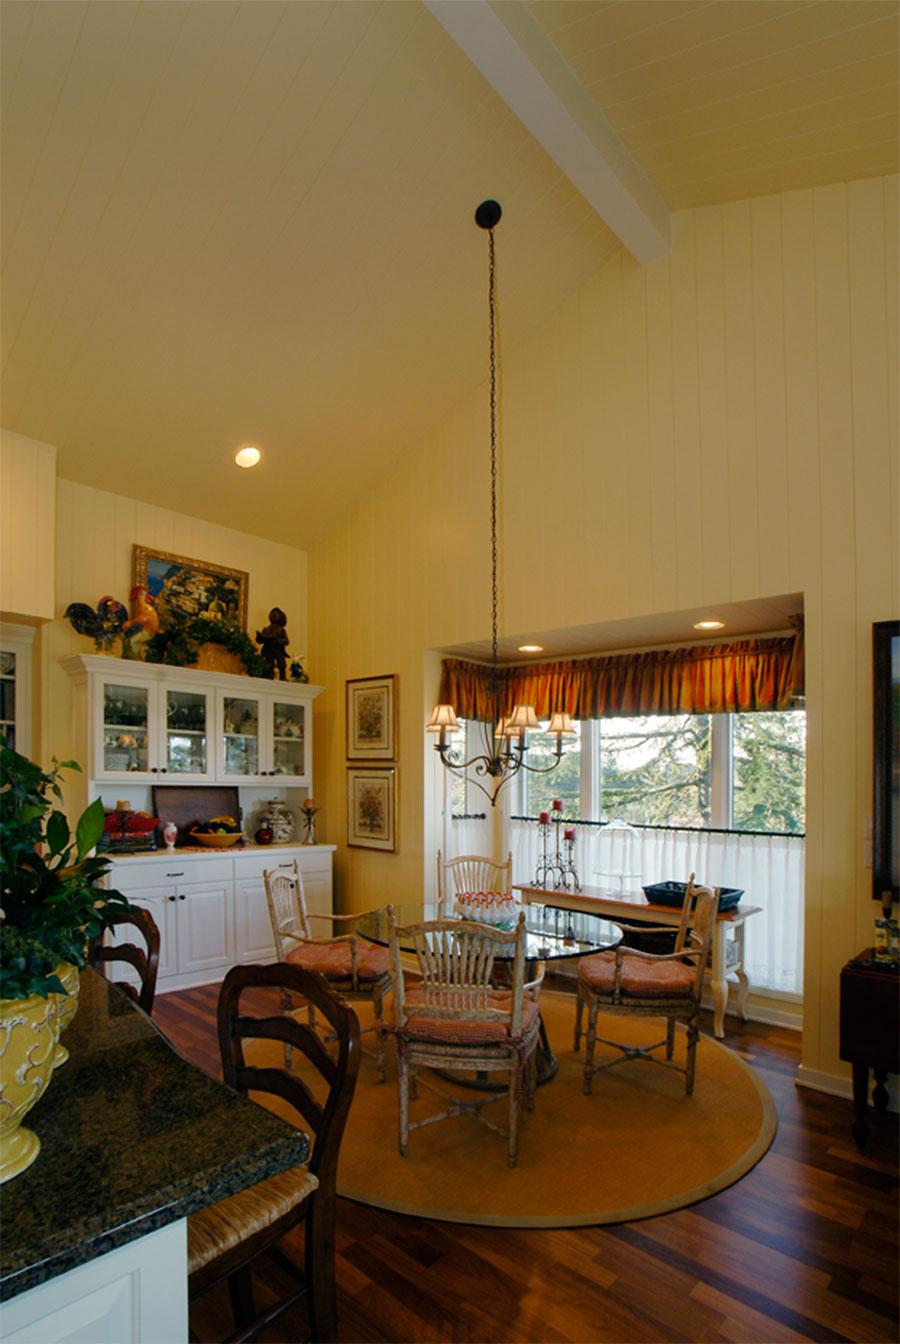 kaufman-homes-remodel-cherokee-7